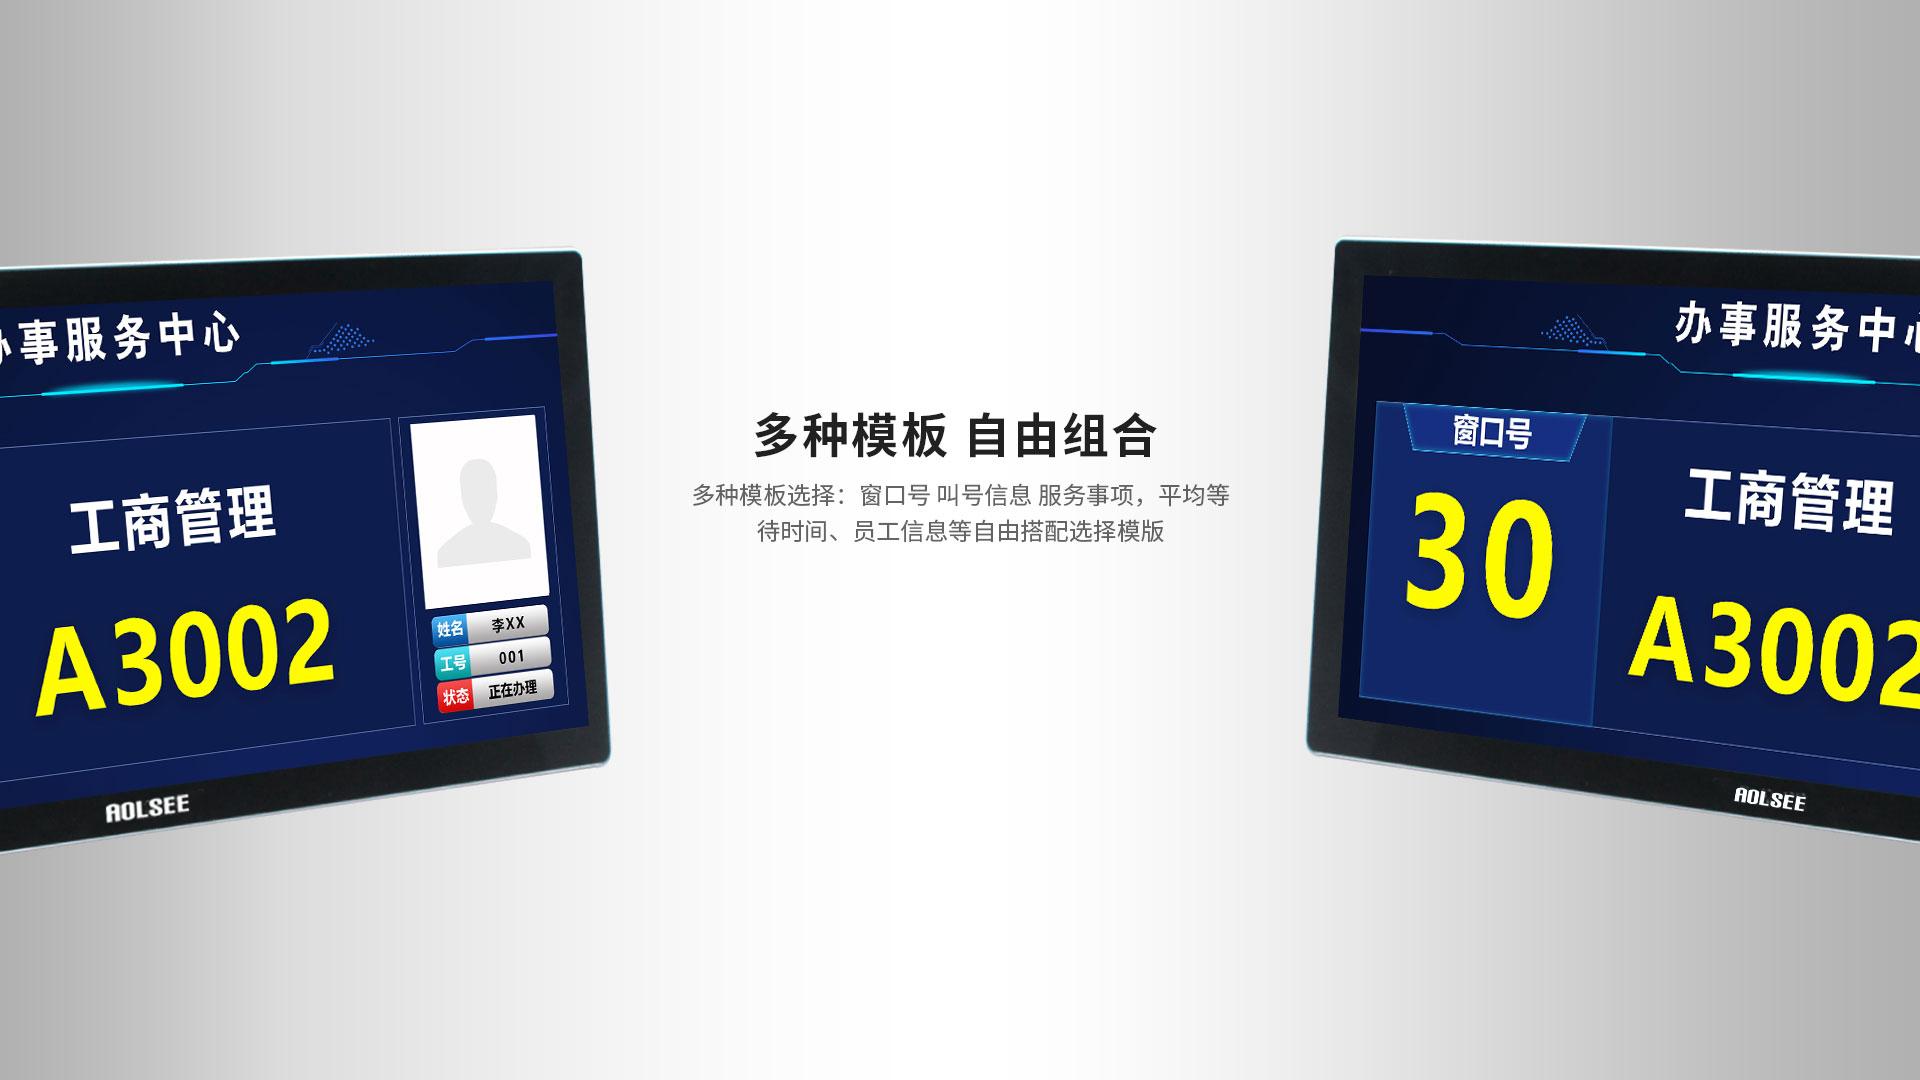 窗口屏5.jpg